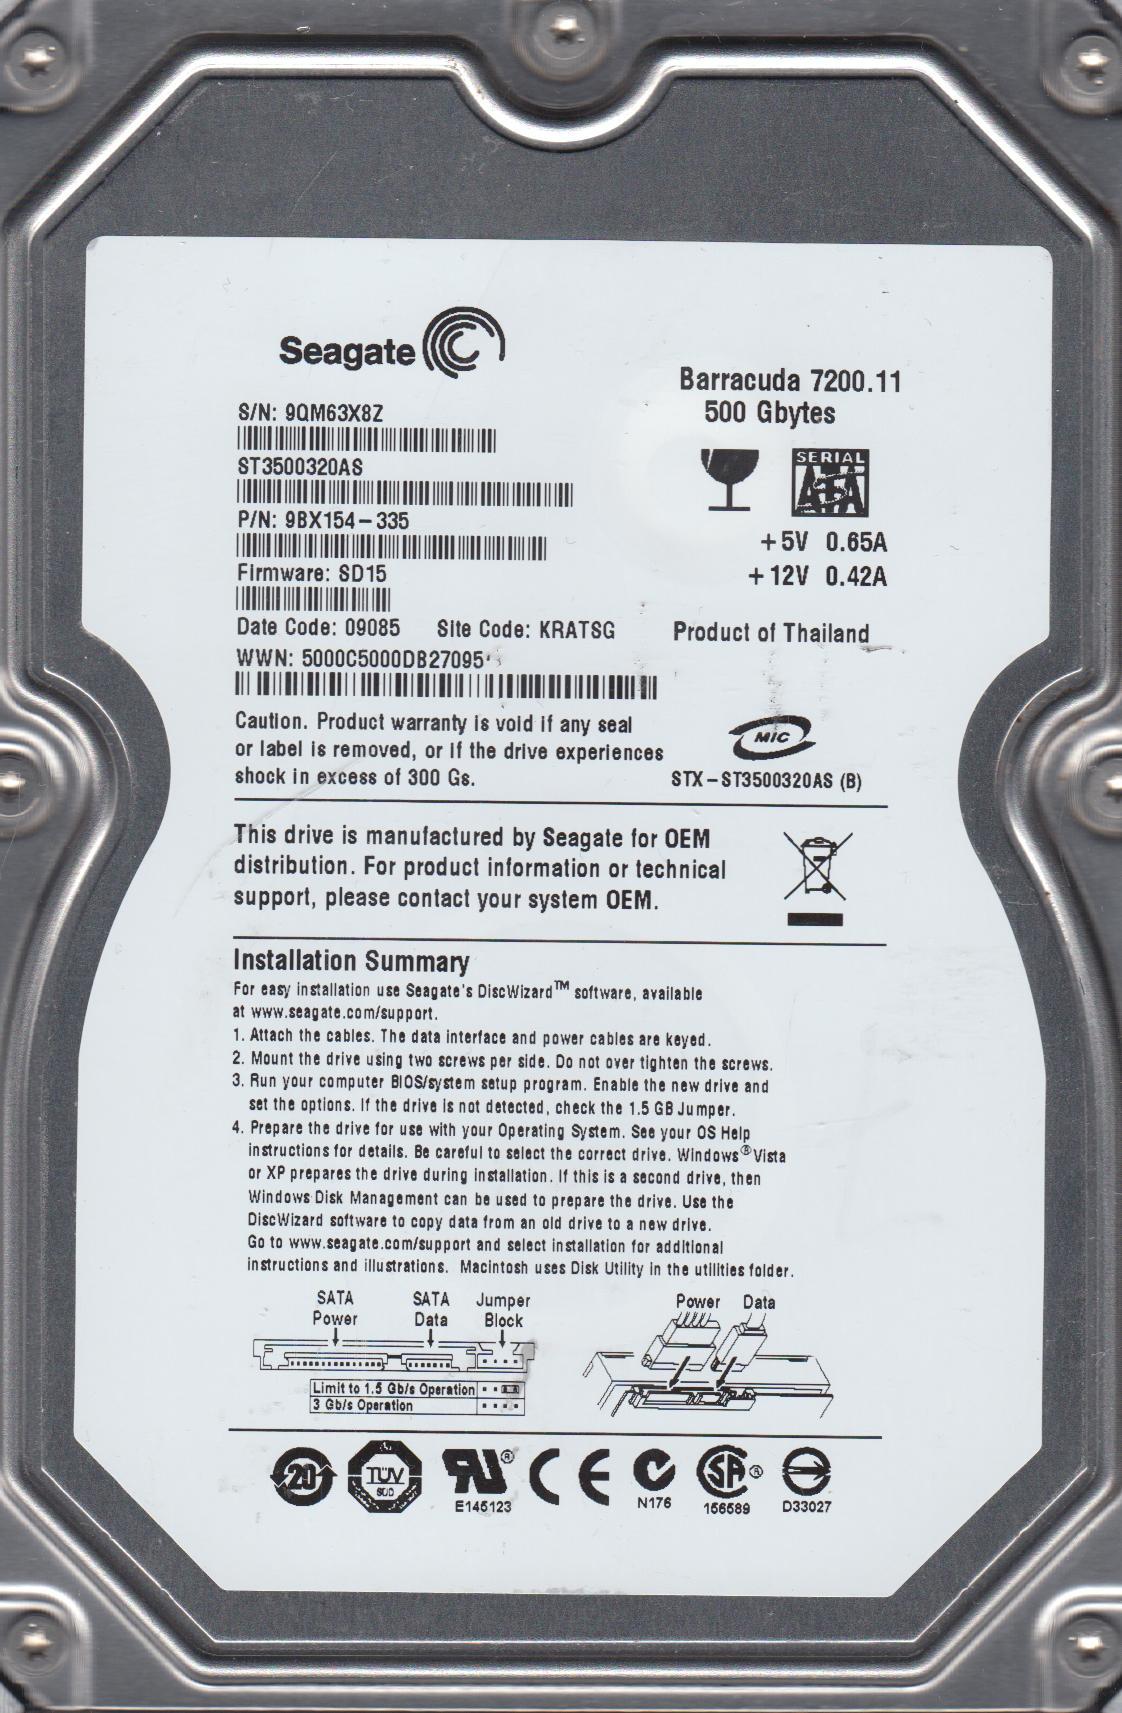 ST3500320AS, 9QM, KRATSG, PN 9BX154-335, FW SD15, Seagate 500GB SATA 3.5 Hard Drive by Seagate